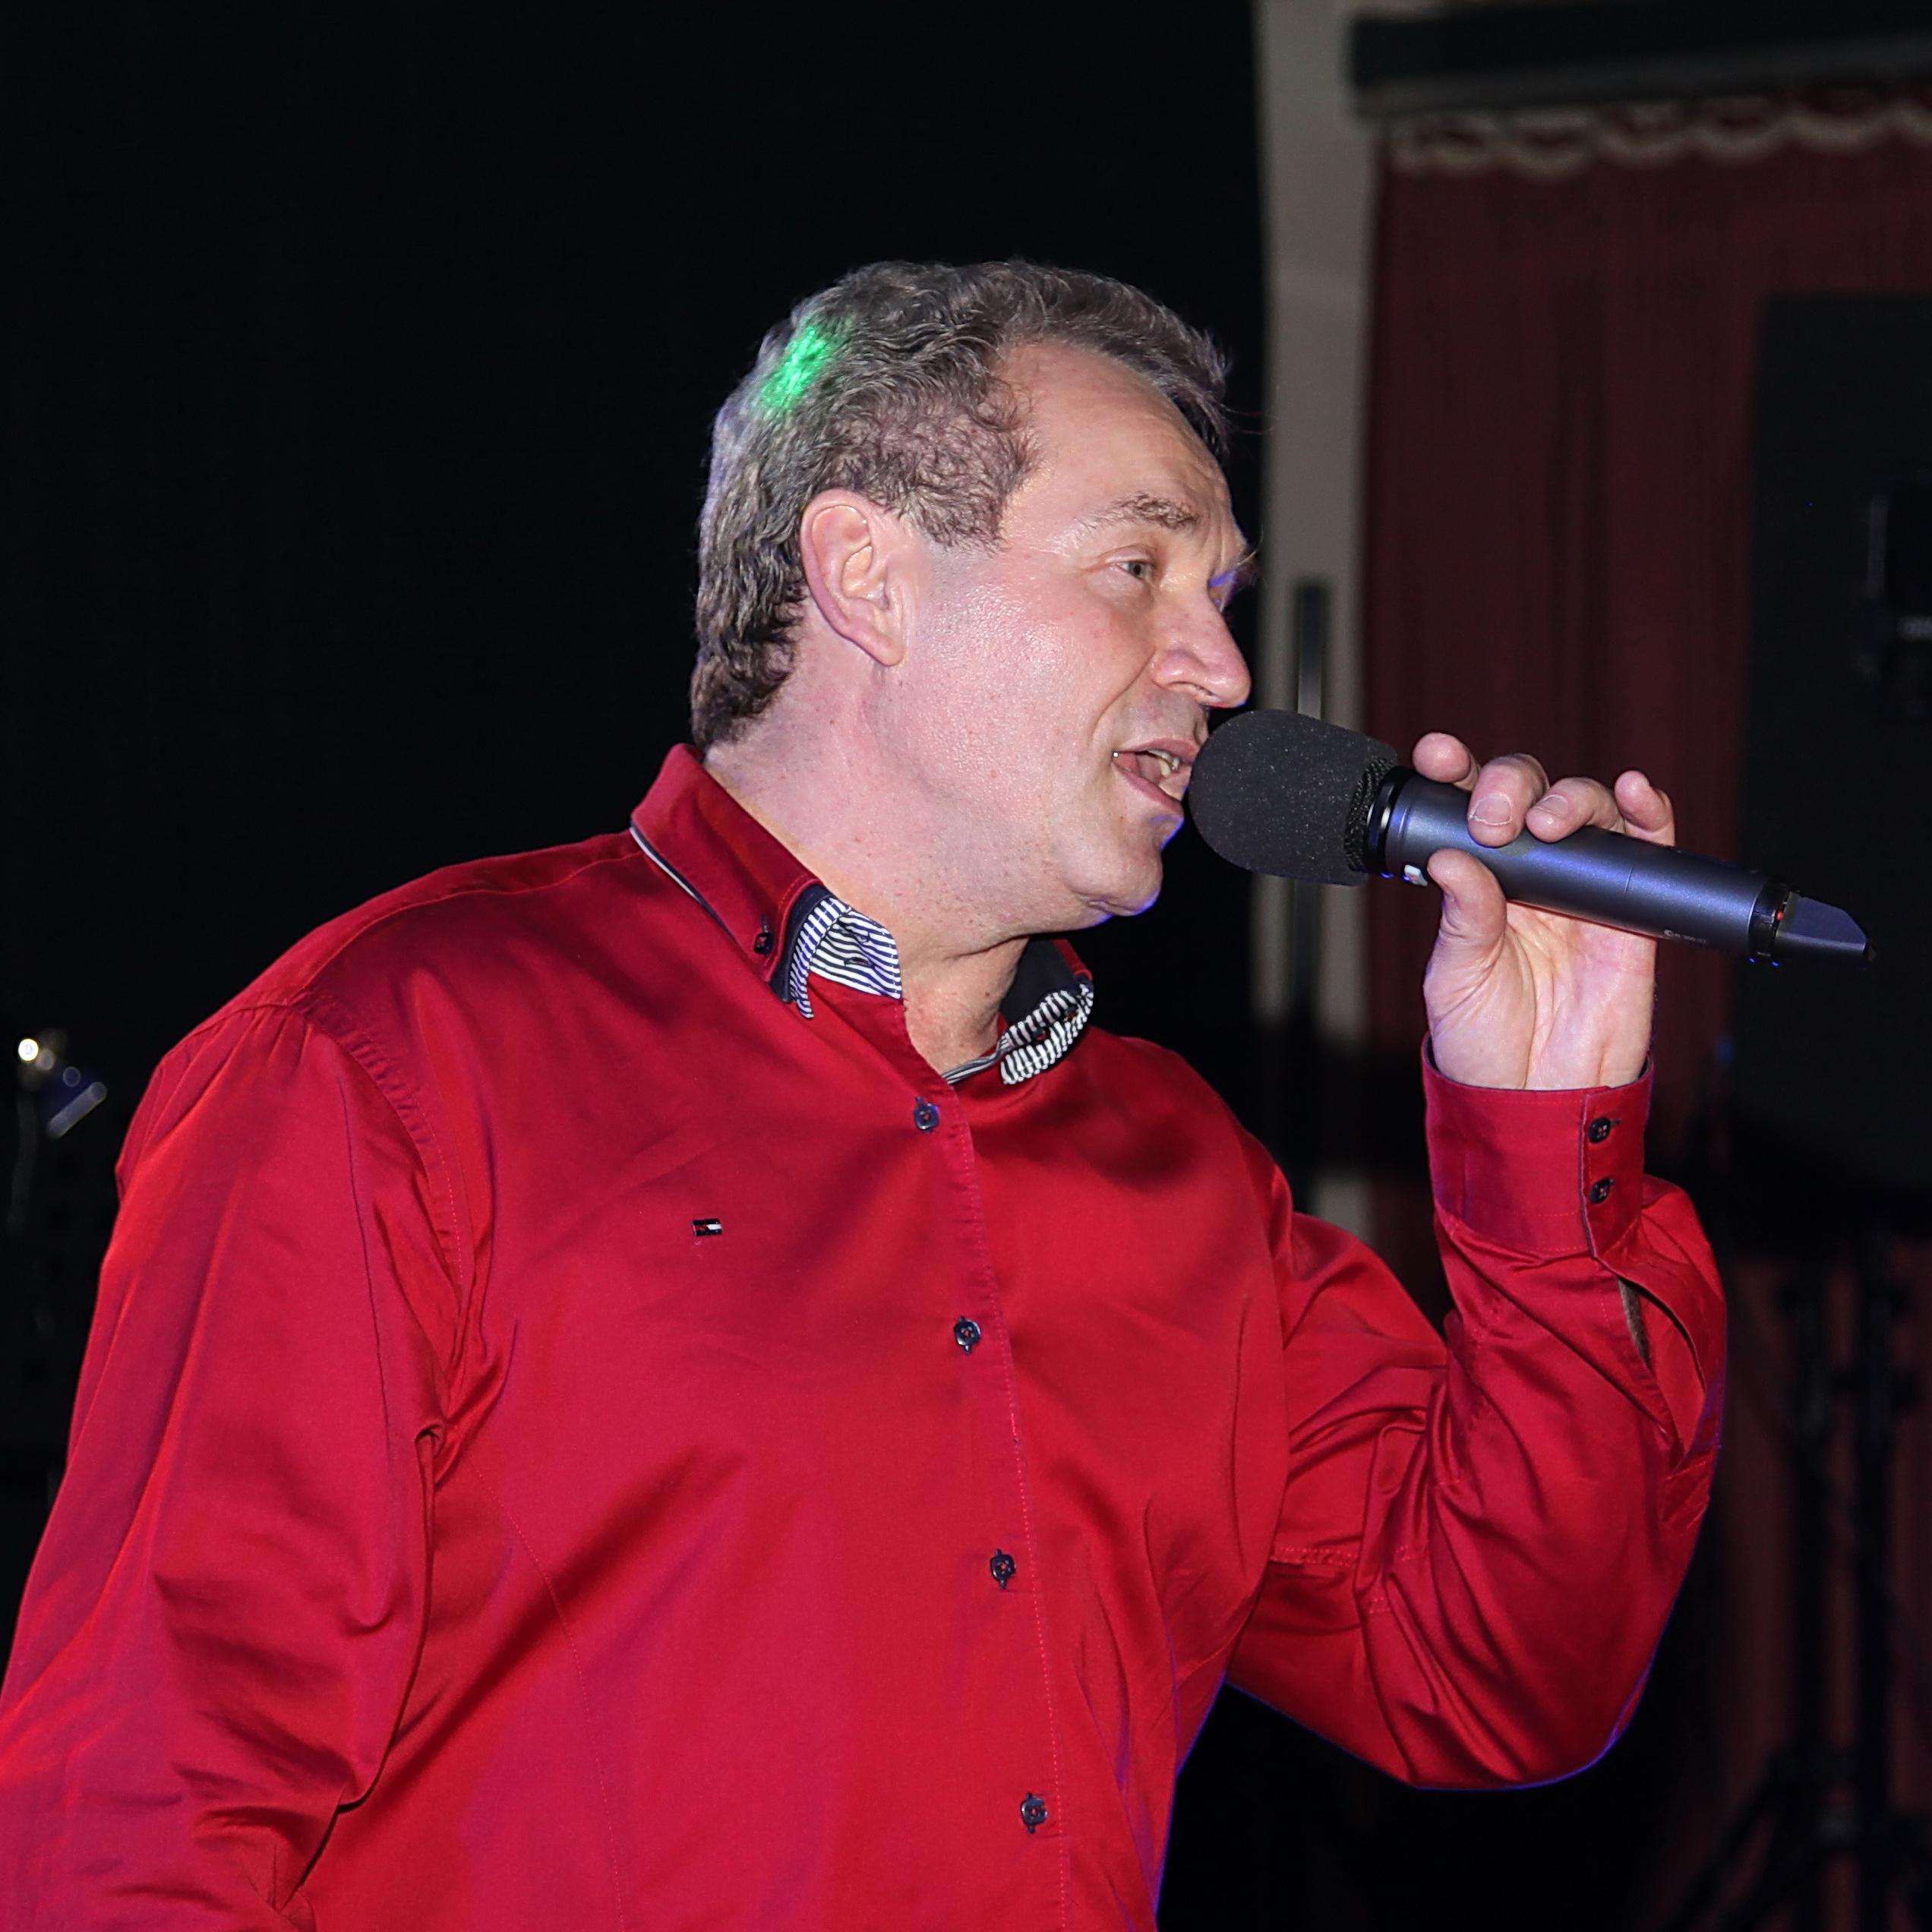 Viktor Biegler